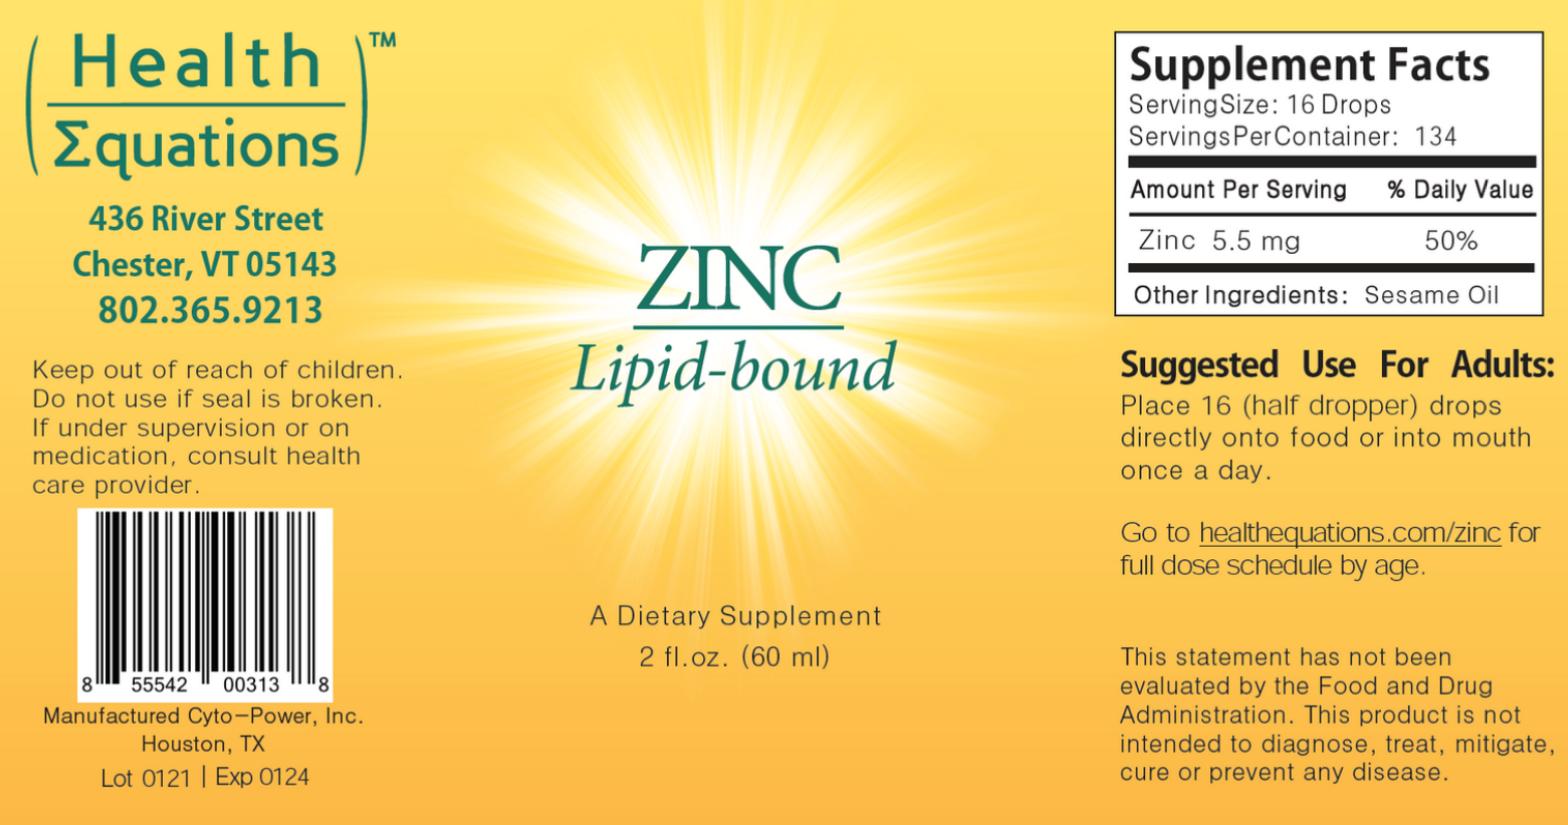 Lipid-bound Zinc Label